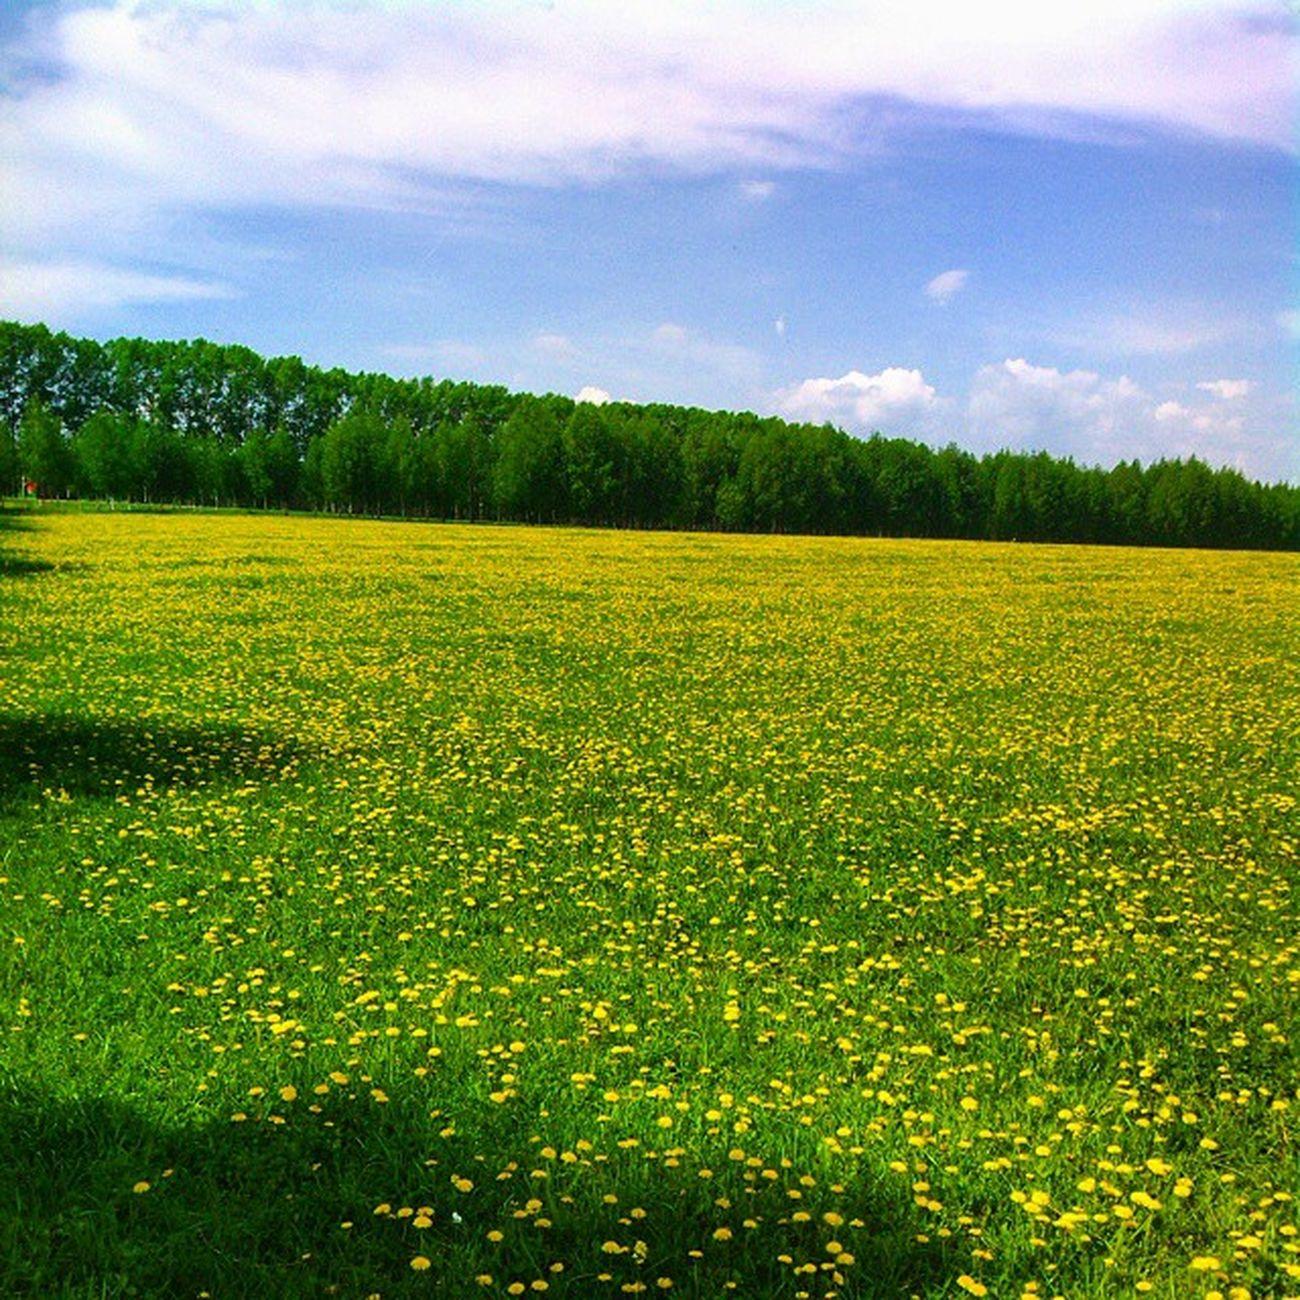 Брэдбери бы вдохновился одуванчики русскоеполе просторы небо небоголубое весна Хорошо красиво облака Солнышко СЧАСТЬЕ милая Россия поле Dandelion Russian Landscape Sun Sunday Countryside Country Beauty Beautiful Sweet Beloved Russia green yellow grass blowball